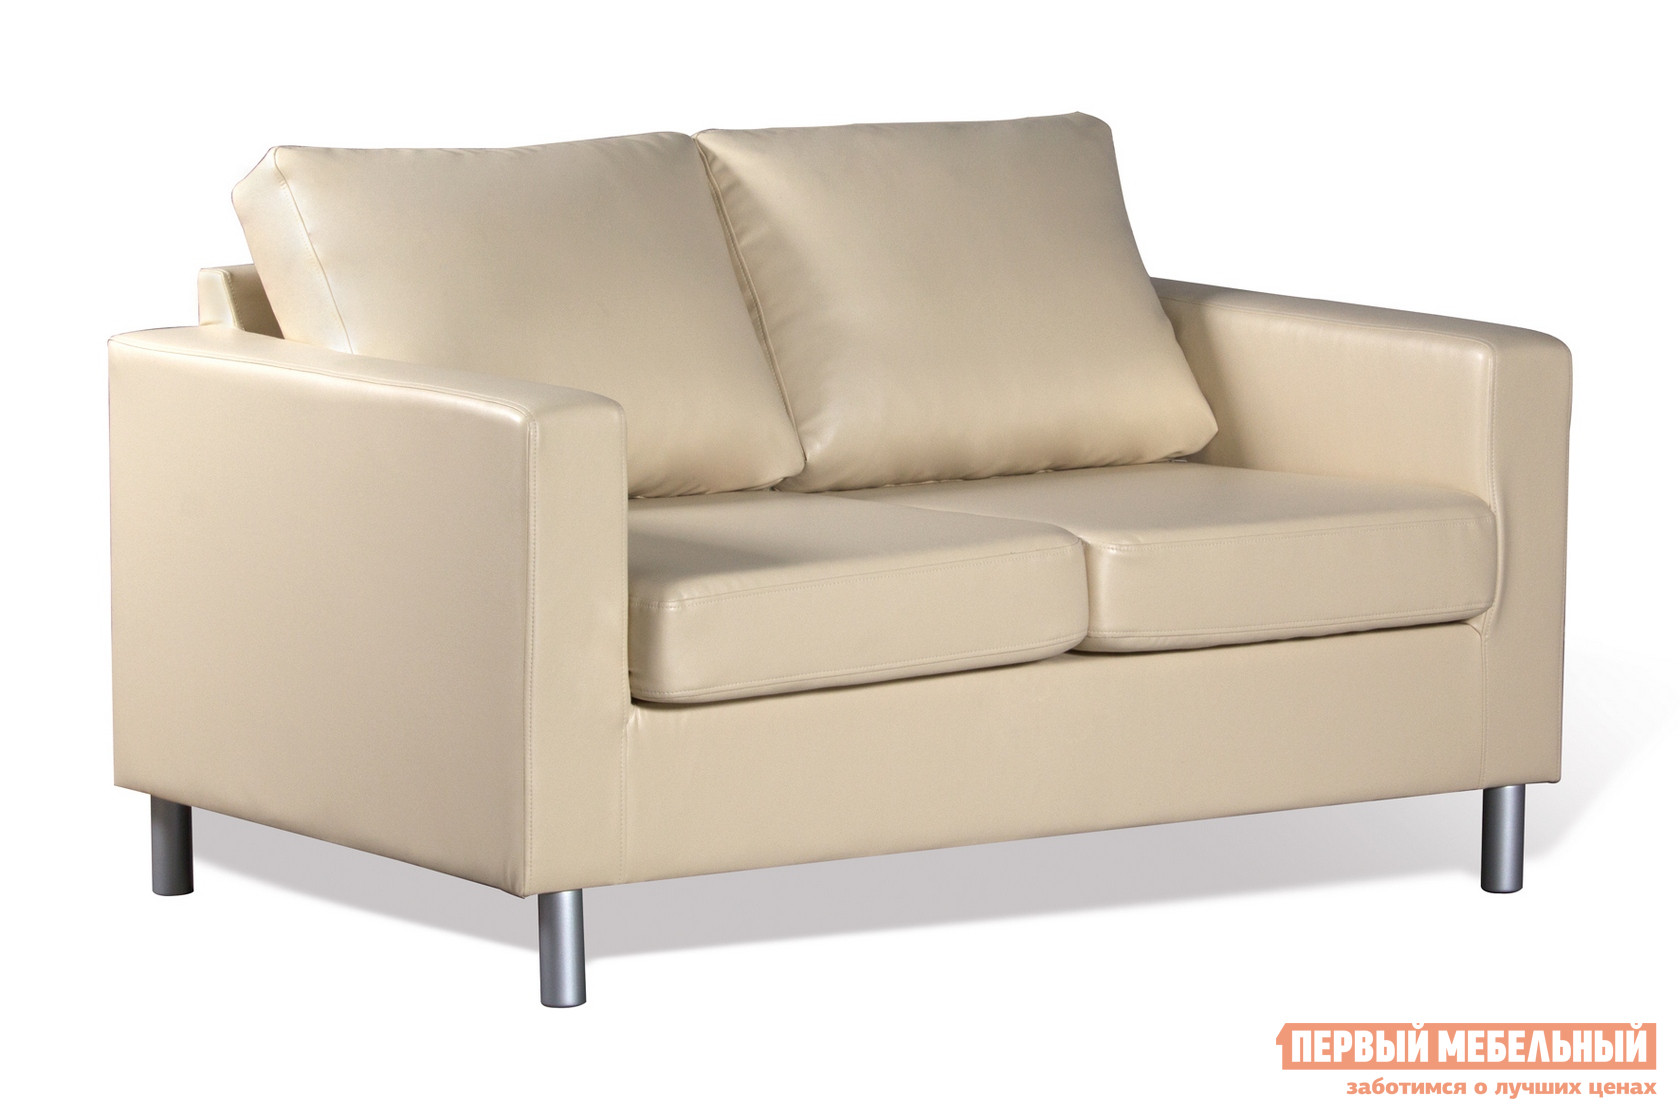 Прямой диван Первый Мебельный Диван Вебер 2